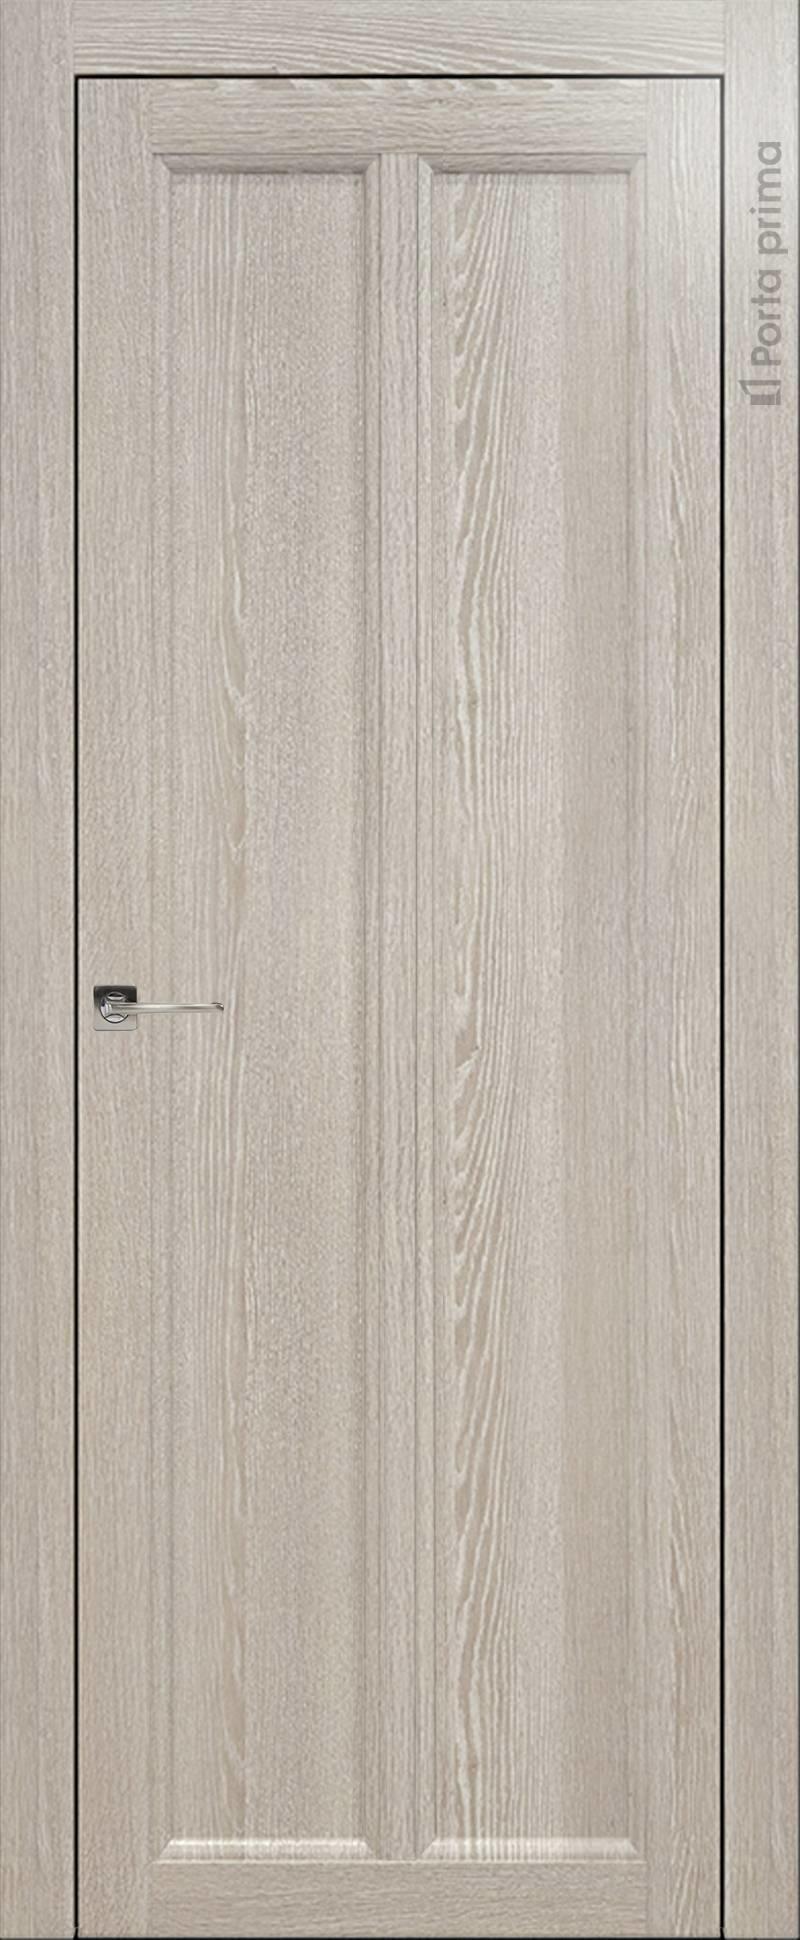 Sorrento-R Г4 цвет - Серый дуб Без стекла (ДГ)